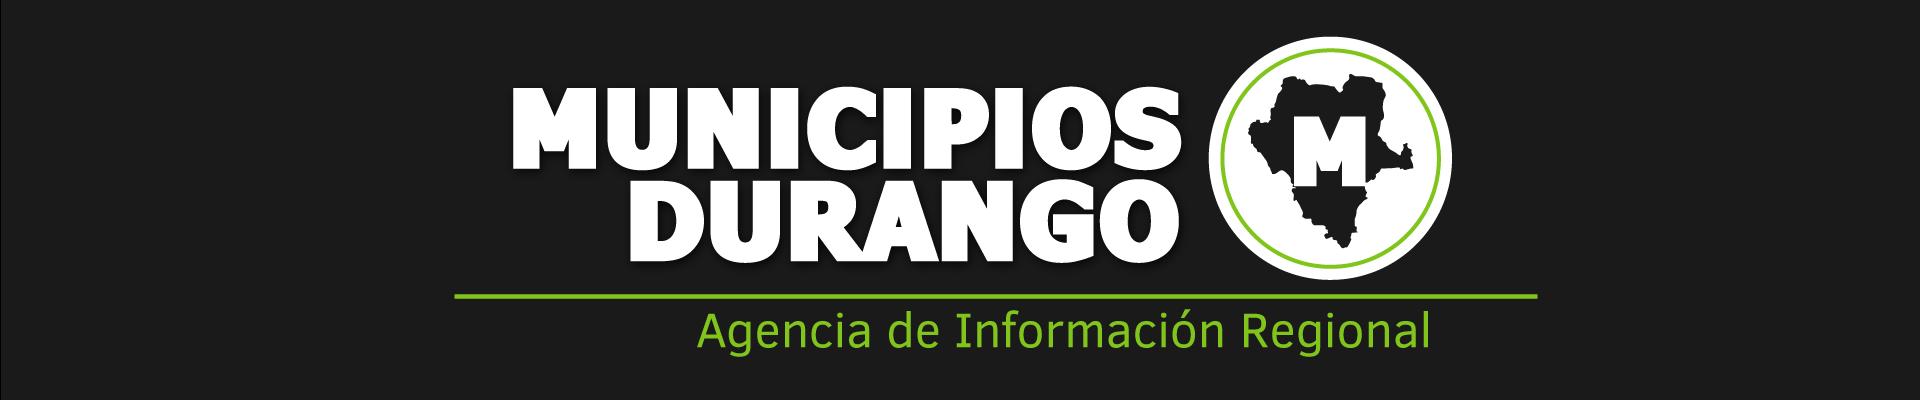 Municipios Durango